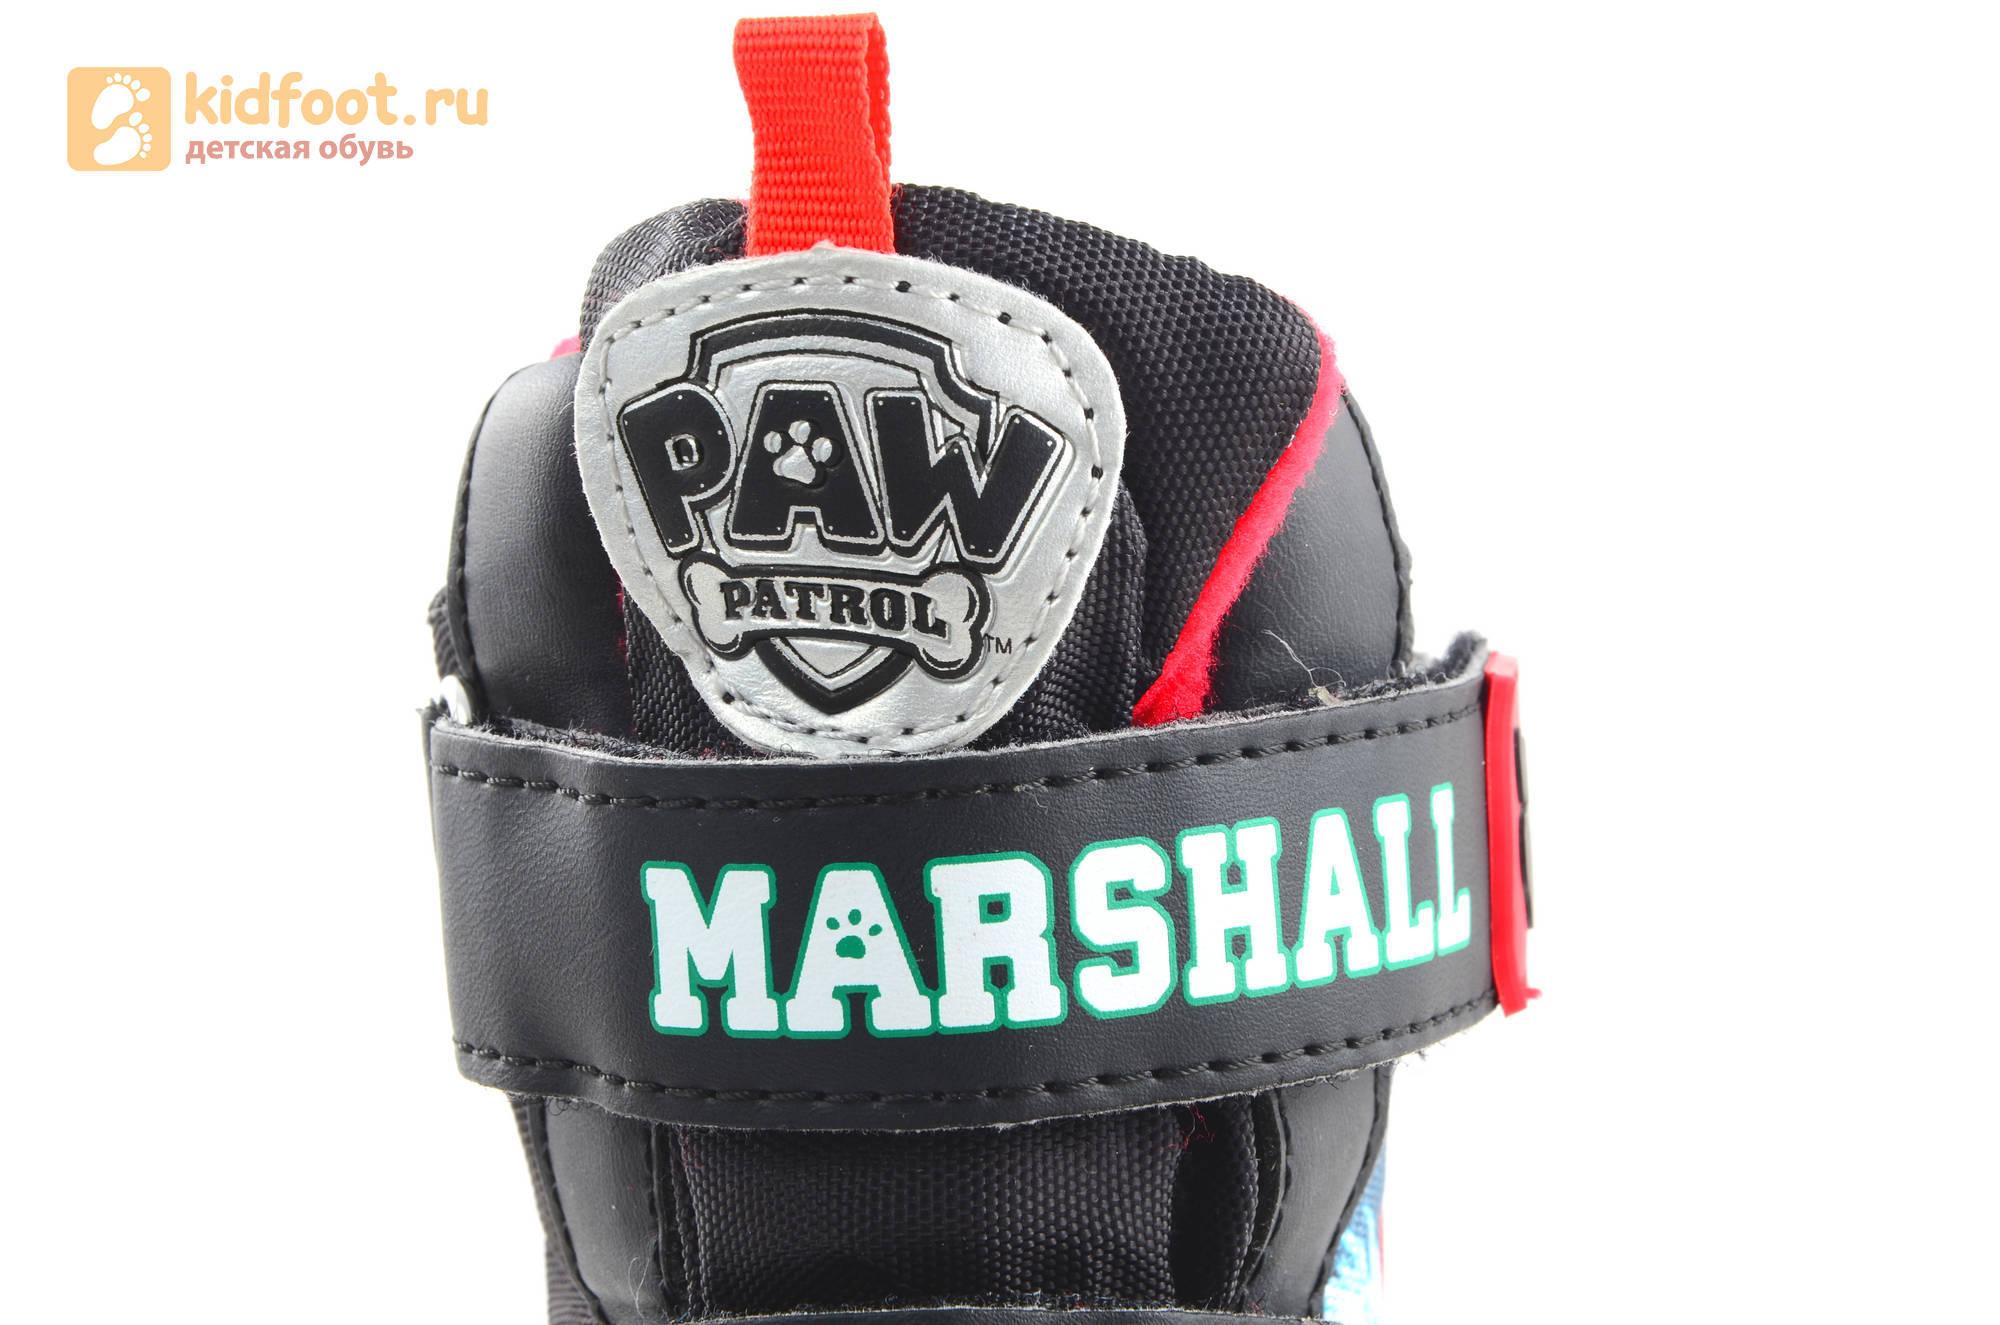 Зимние сапоги для мальчиков с мембраной KINGTEX Щенячий патруль (PAW patrol) на липучках, цвет черный